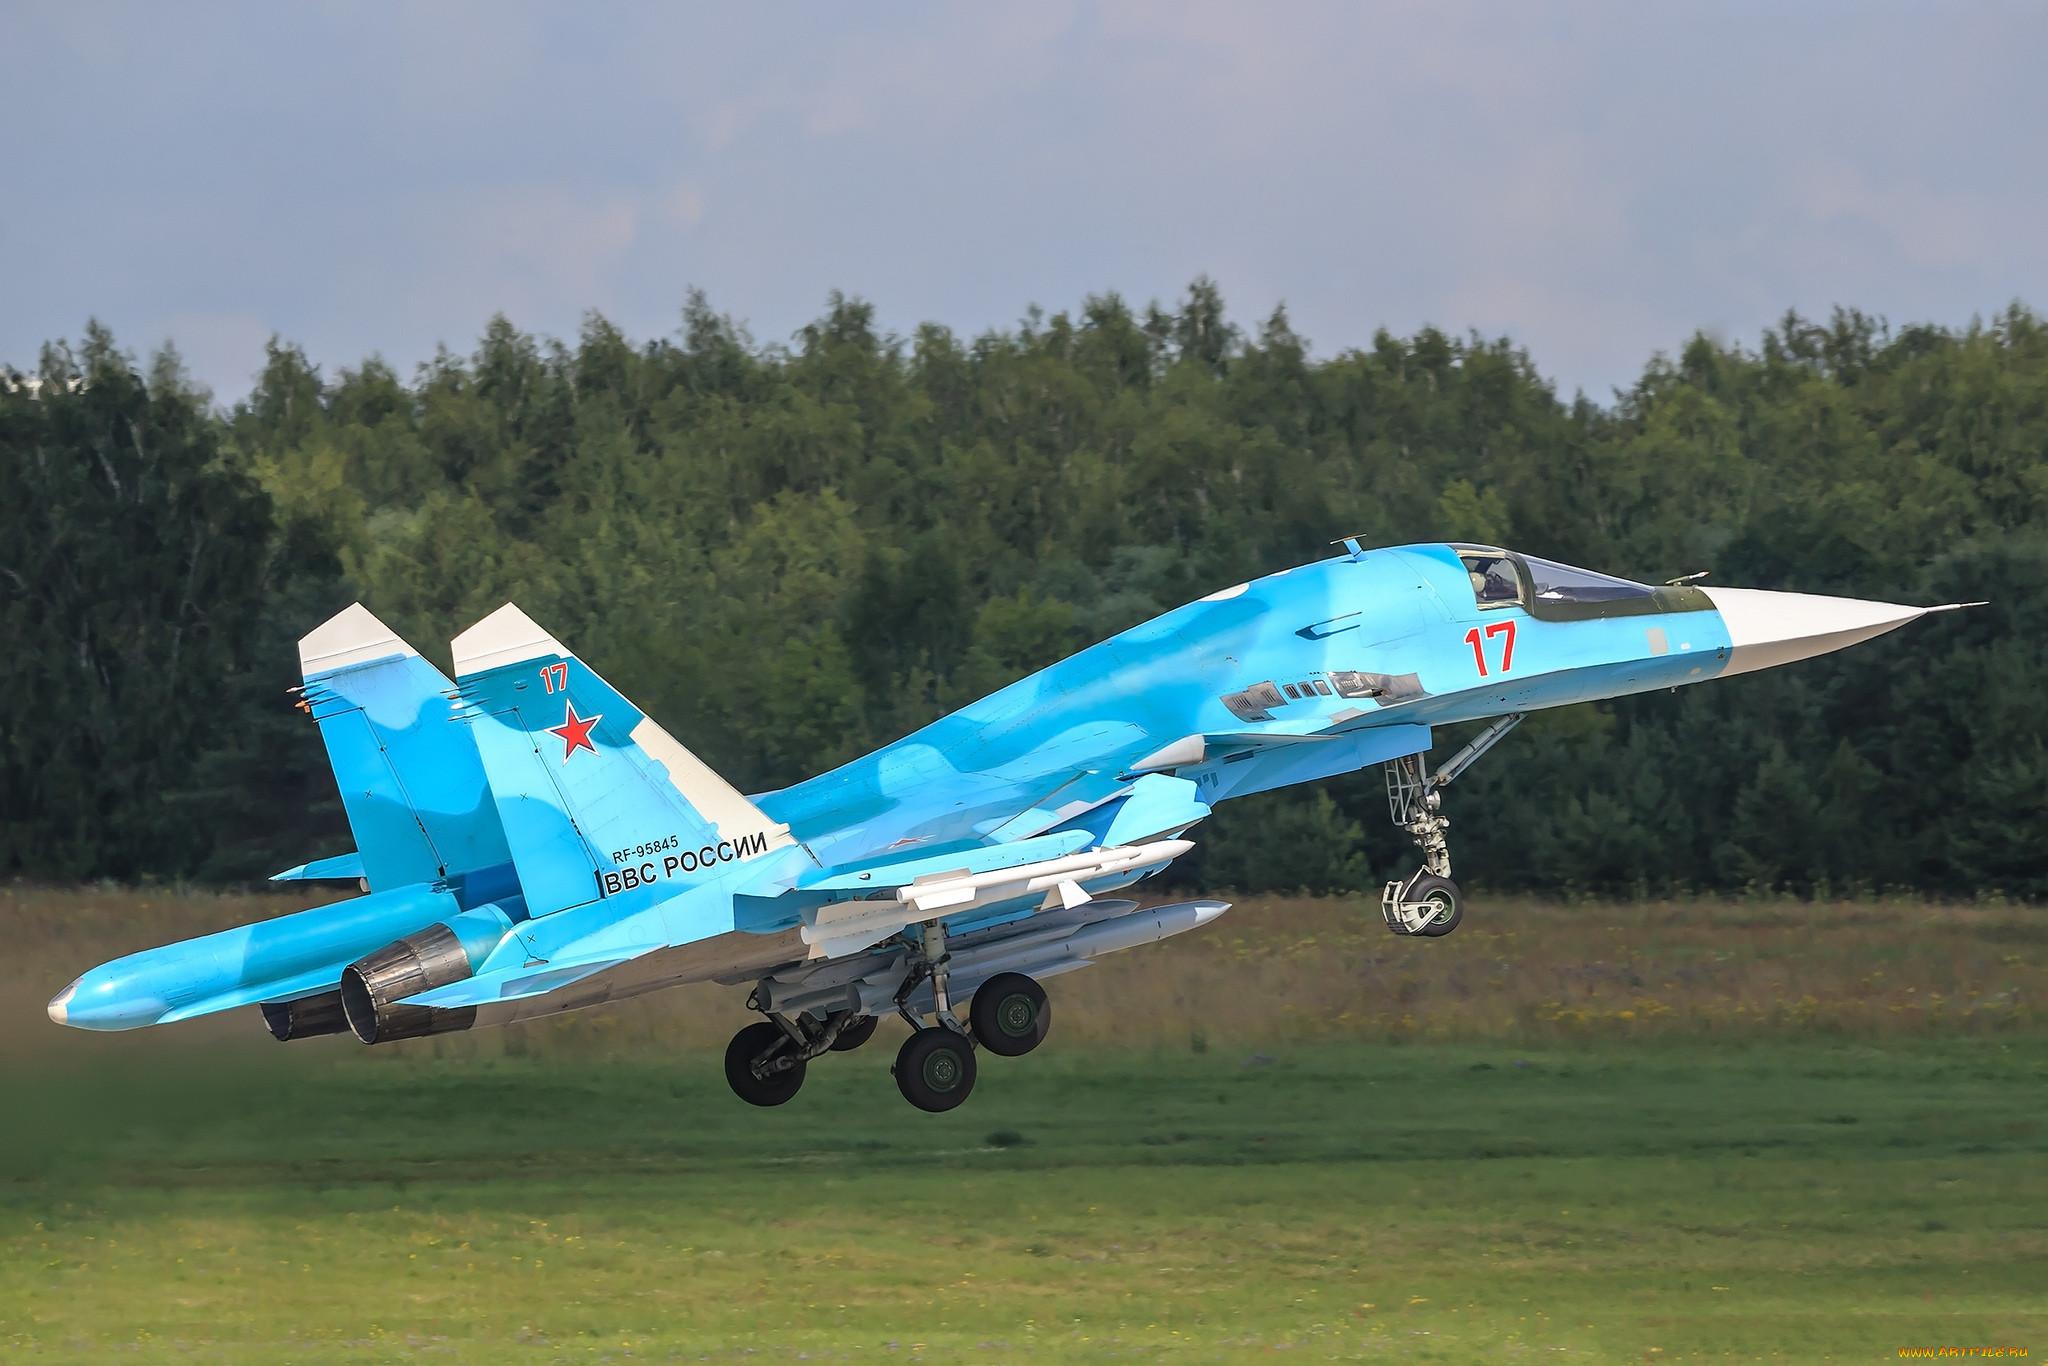 трактор отправится фото российских самолетов с названиями однодневный